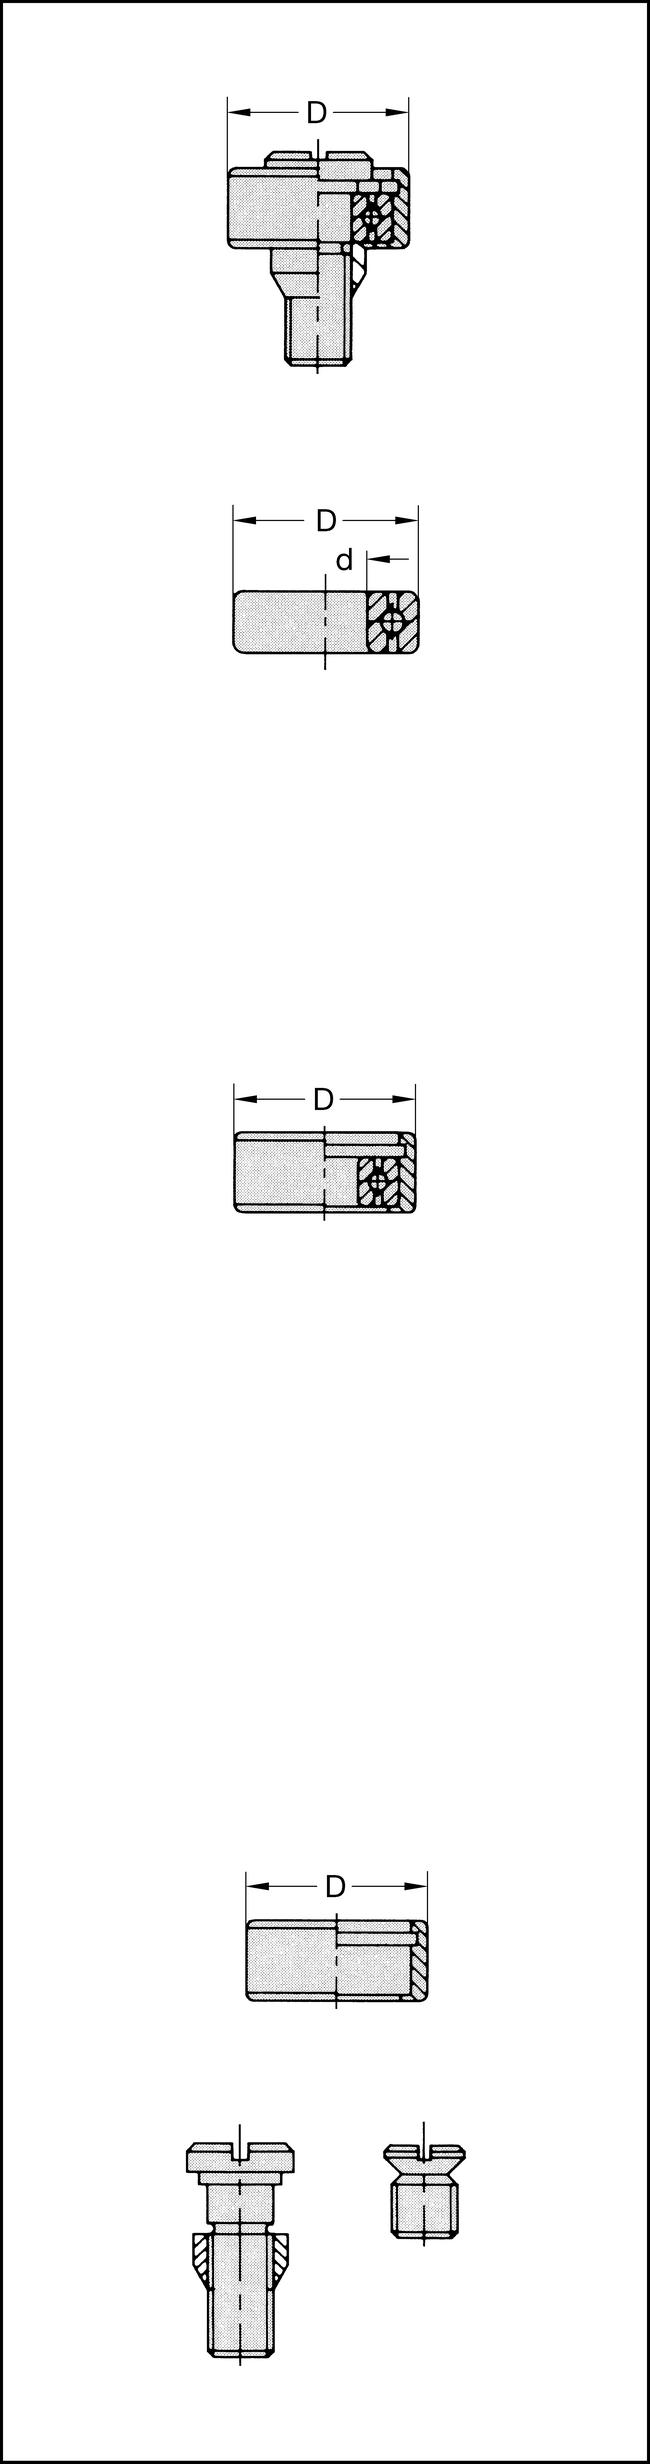 Kugellager 9,5x3,175x4,76mm o.BUND